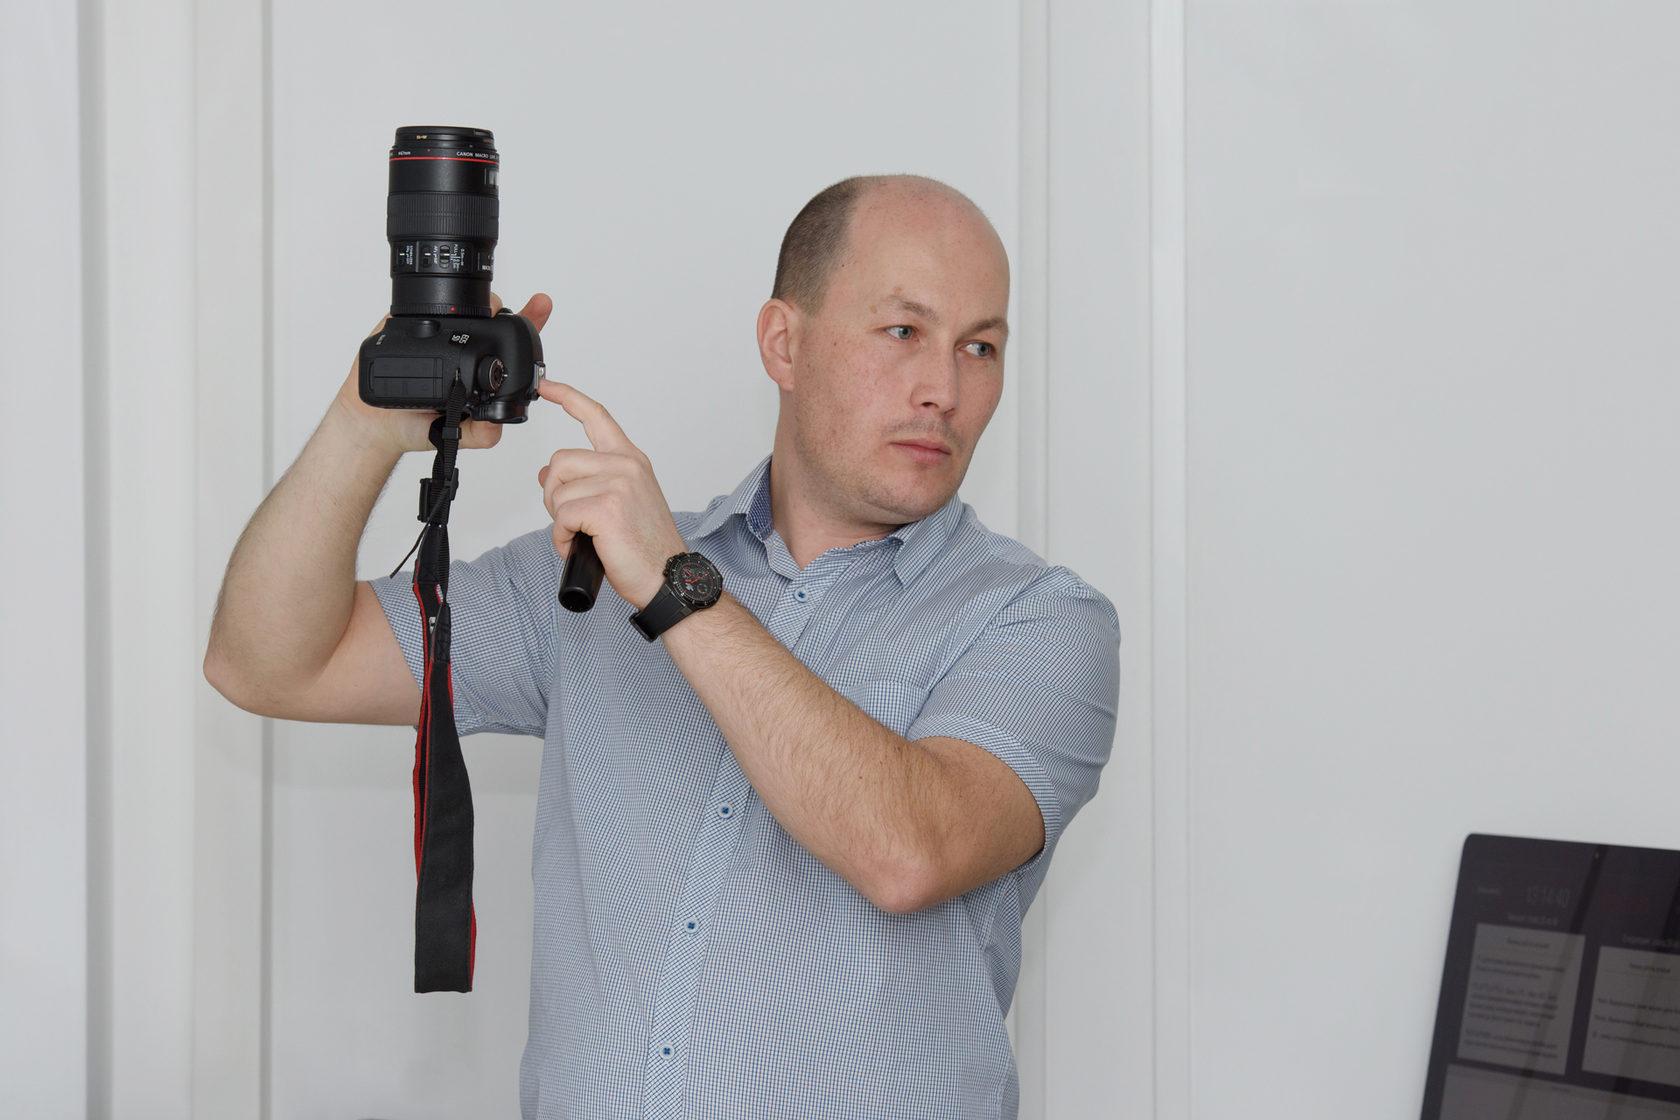 основы фотографирования для начинающих обучаясь университете